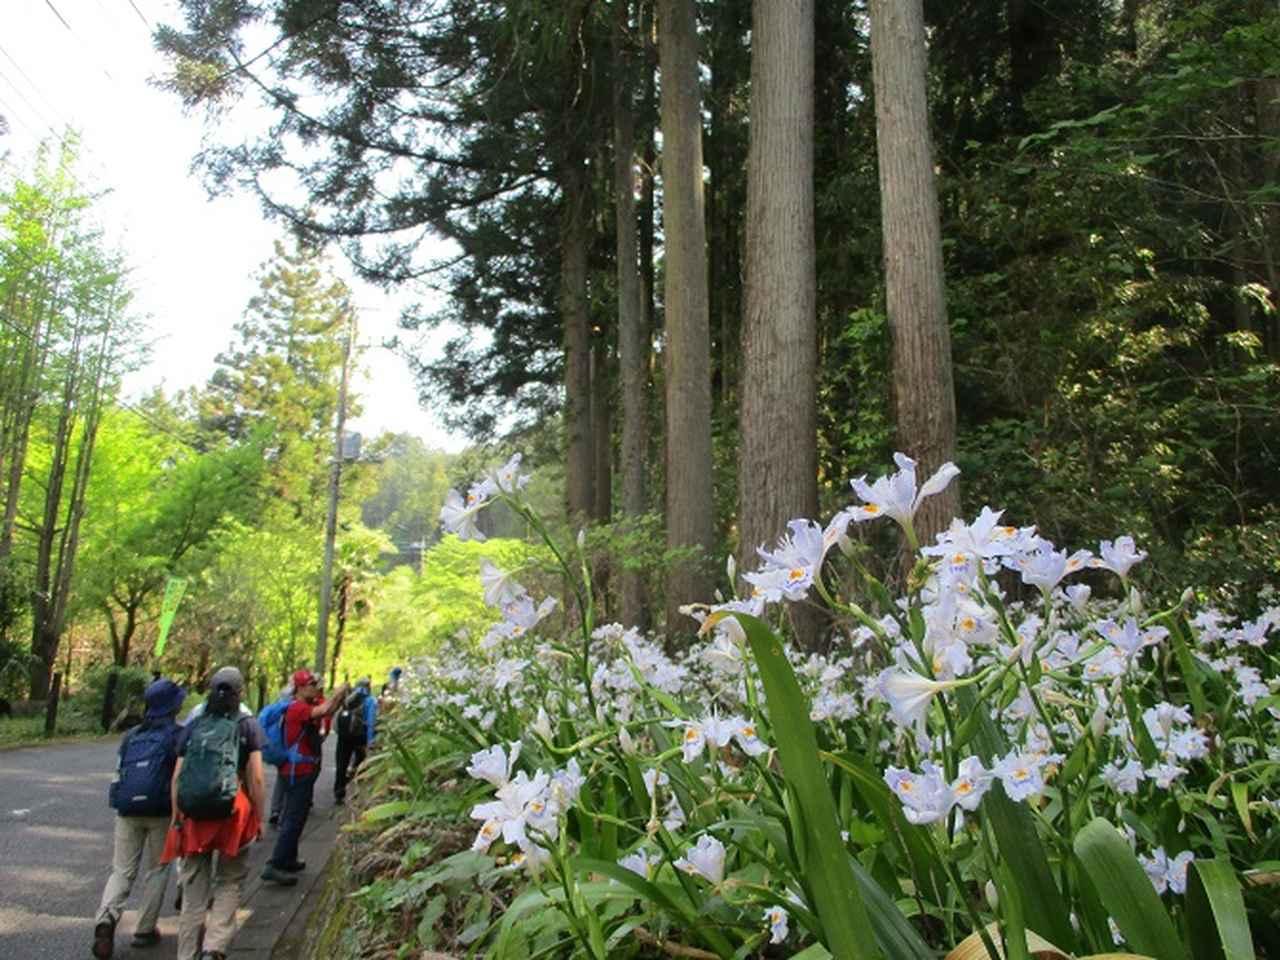 画像2: 5月4日に岡田ガイドのツアーで埼玉県の「越上山」へ行って来ました♪